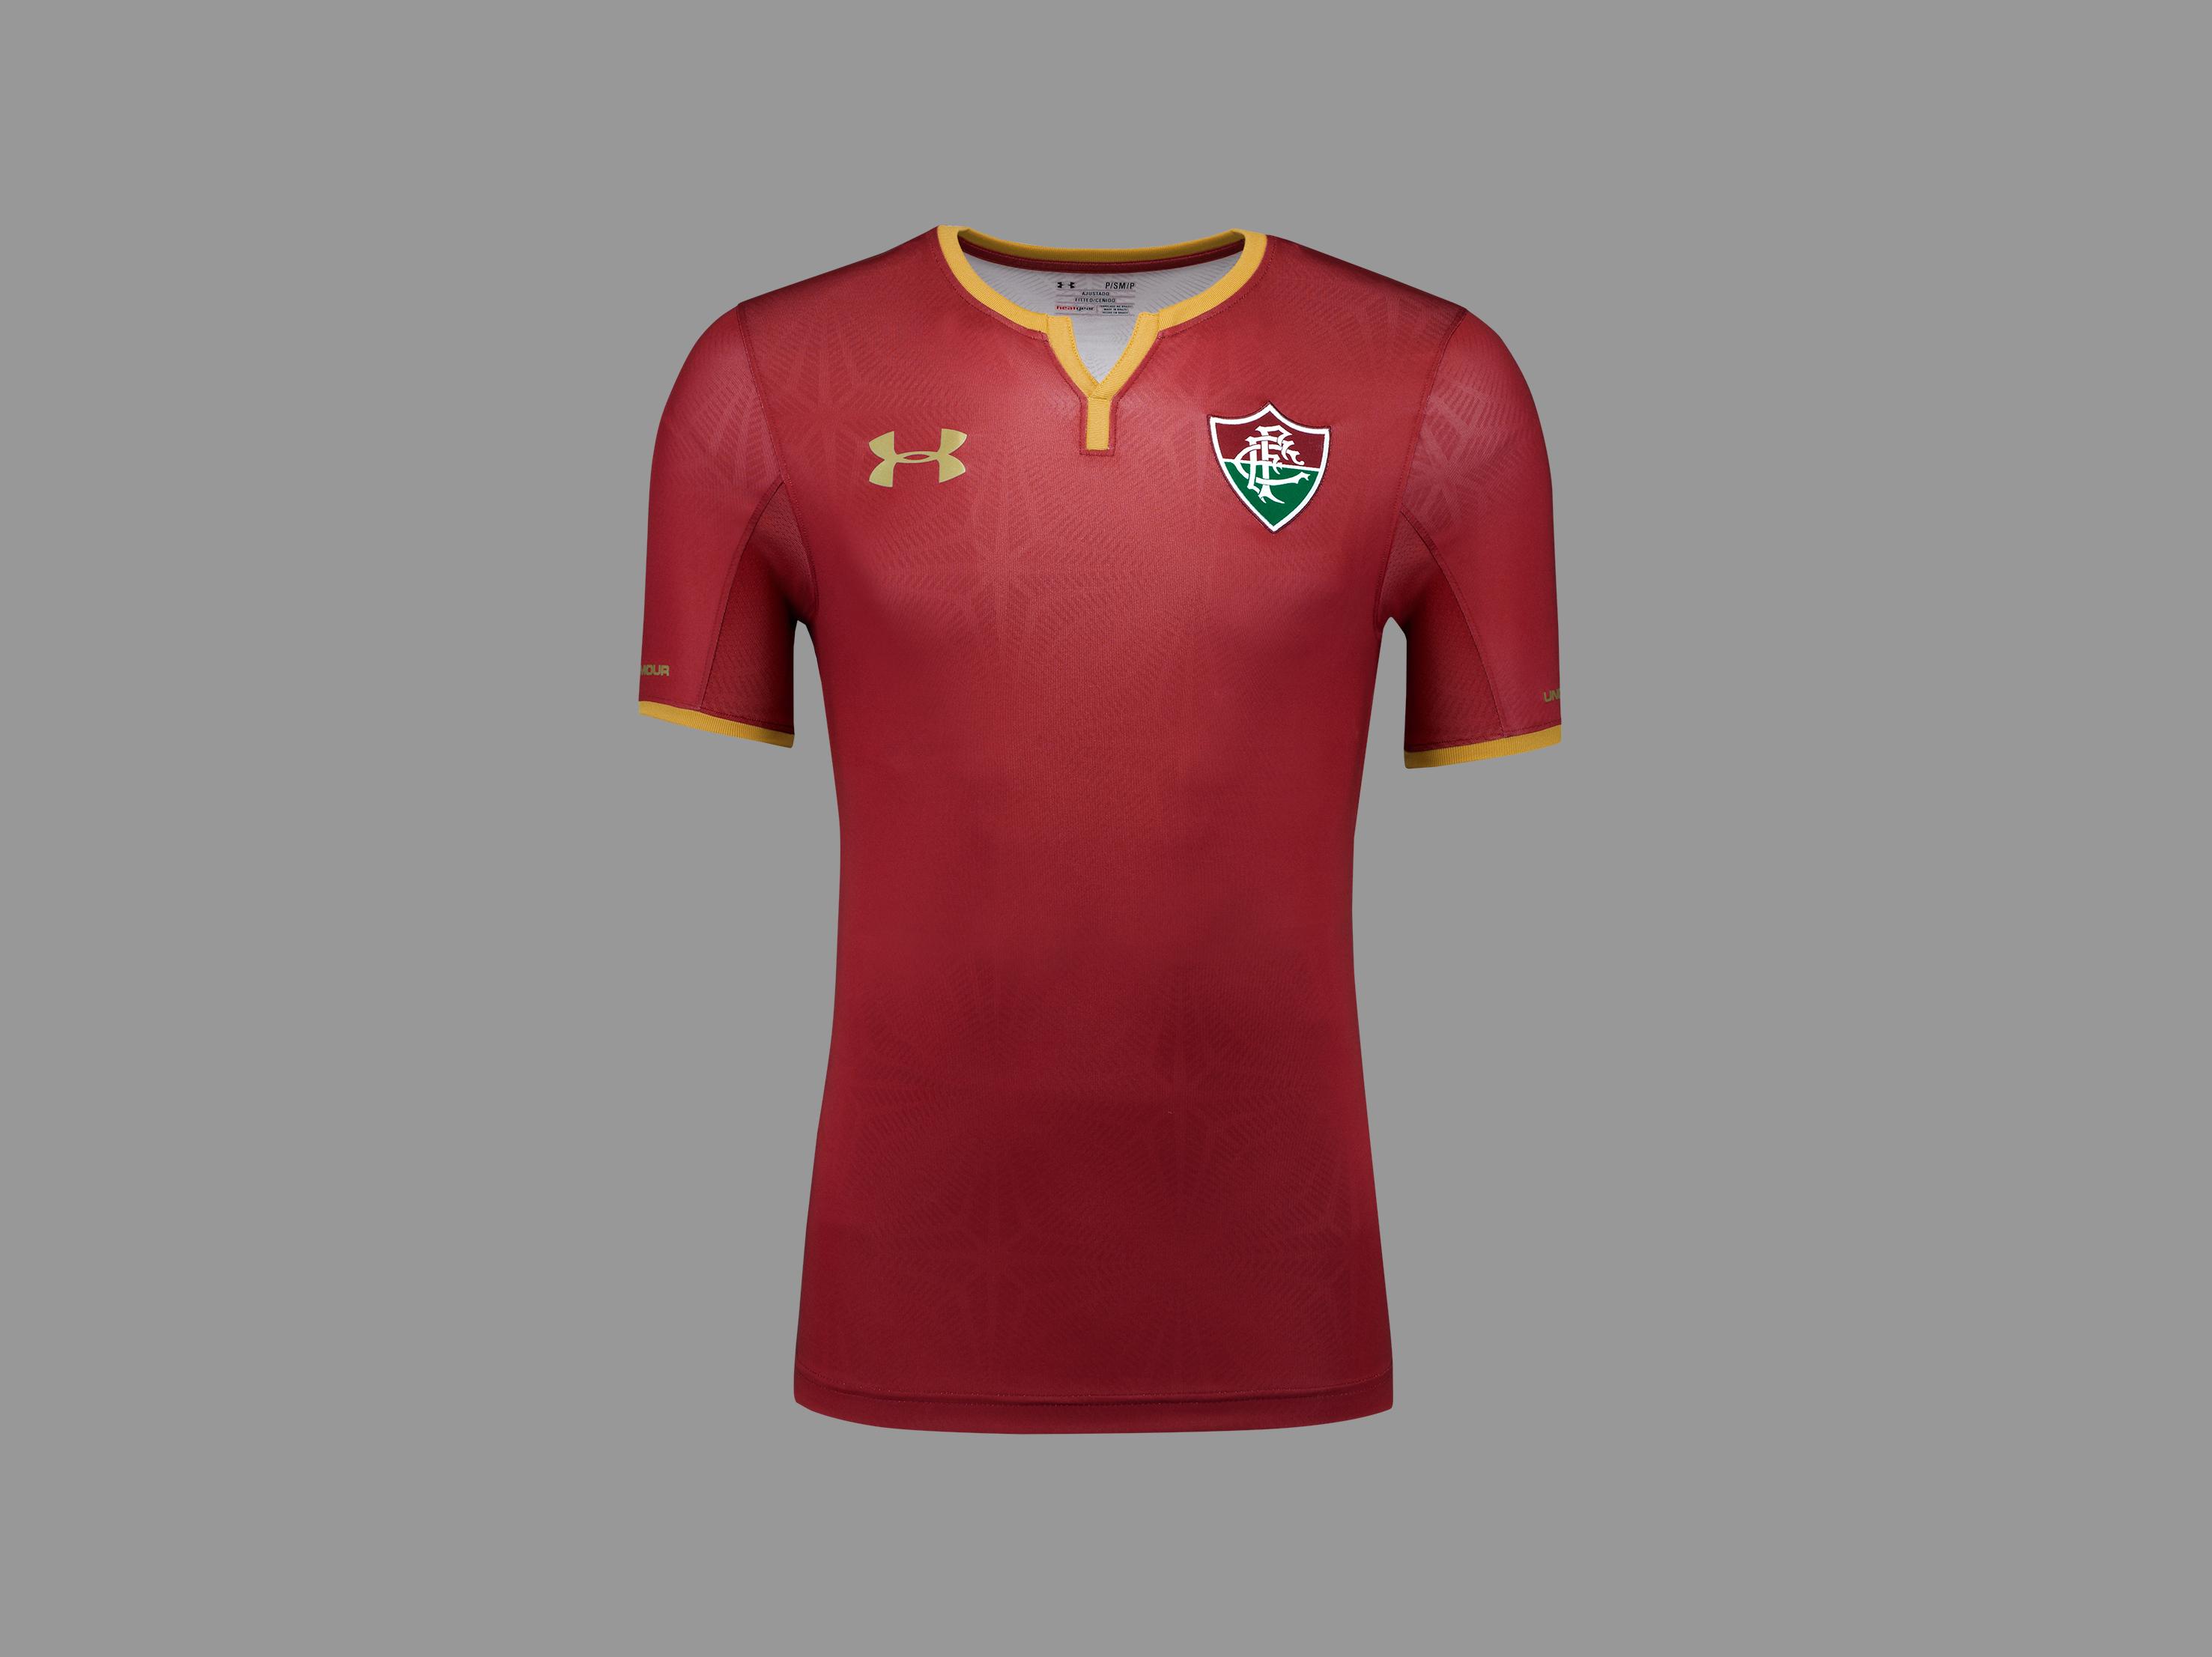 1b55f360eb O grená é a inspiração da nova camisa 3 do Fluminense. Apresentado pela  Under Armour nesta terça-feira na campanha